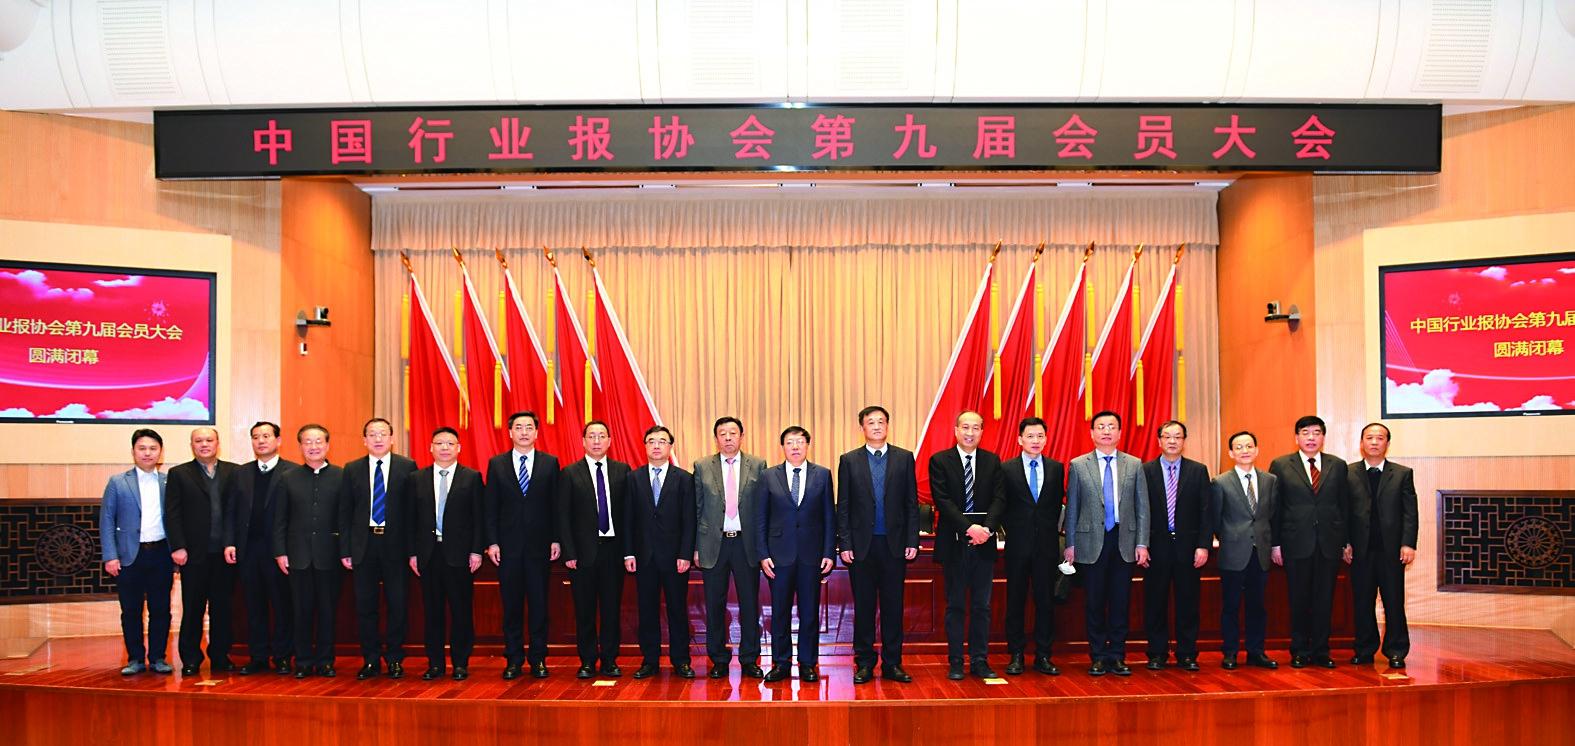 中国行业报协会举行换届大会